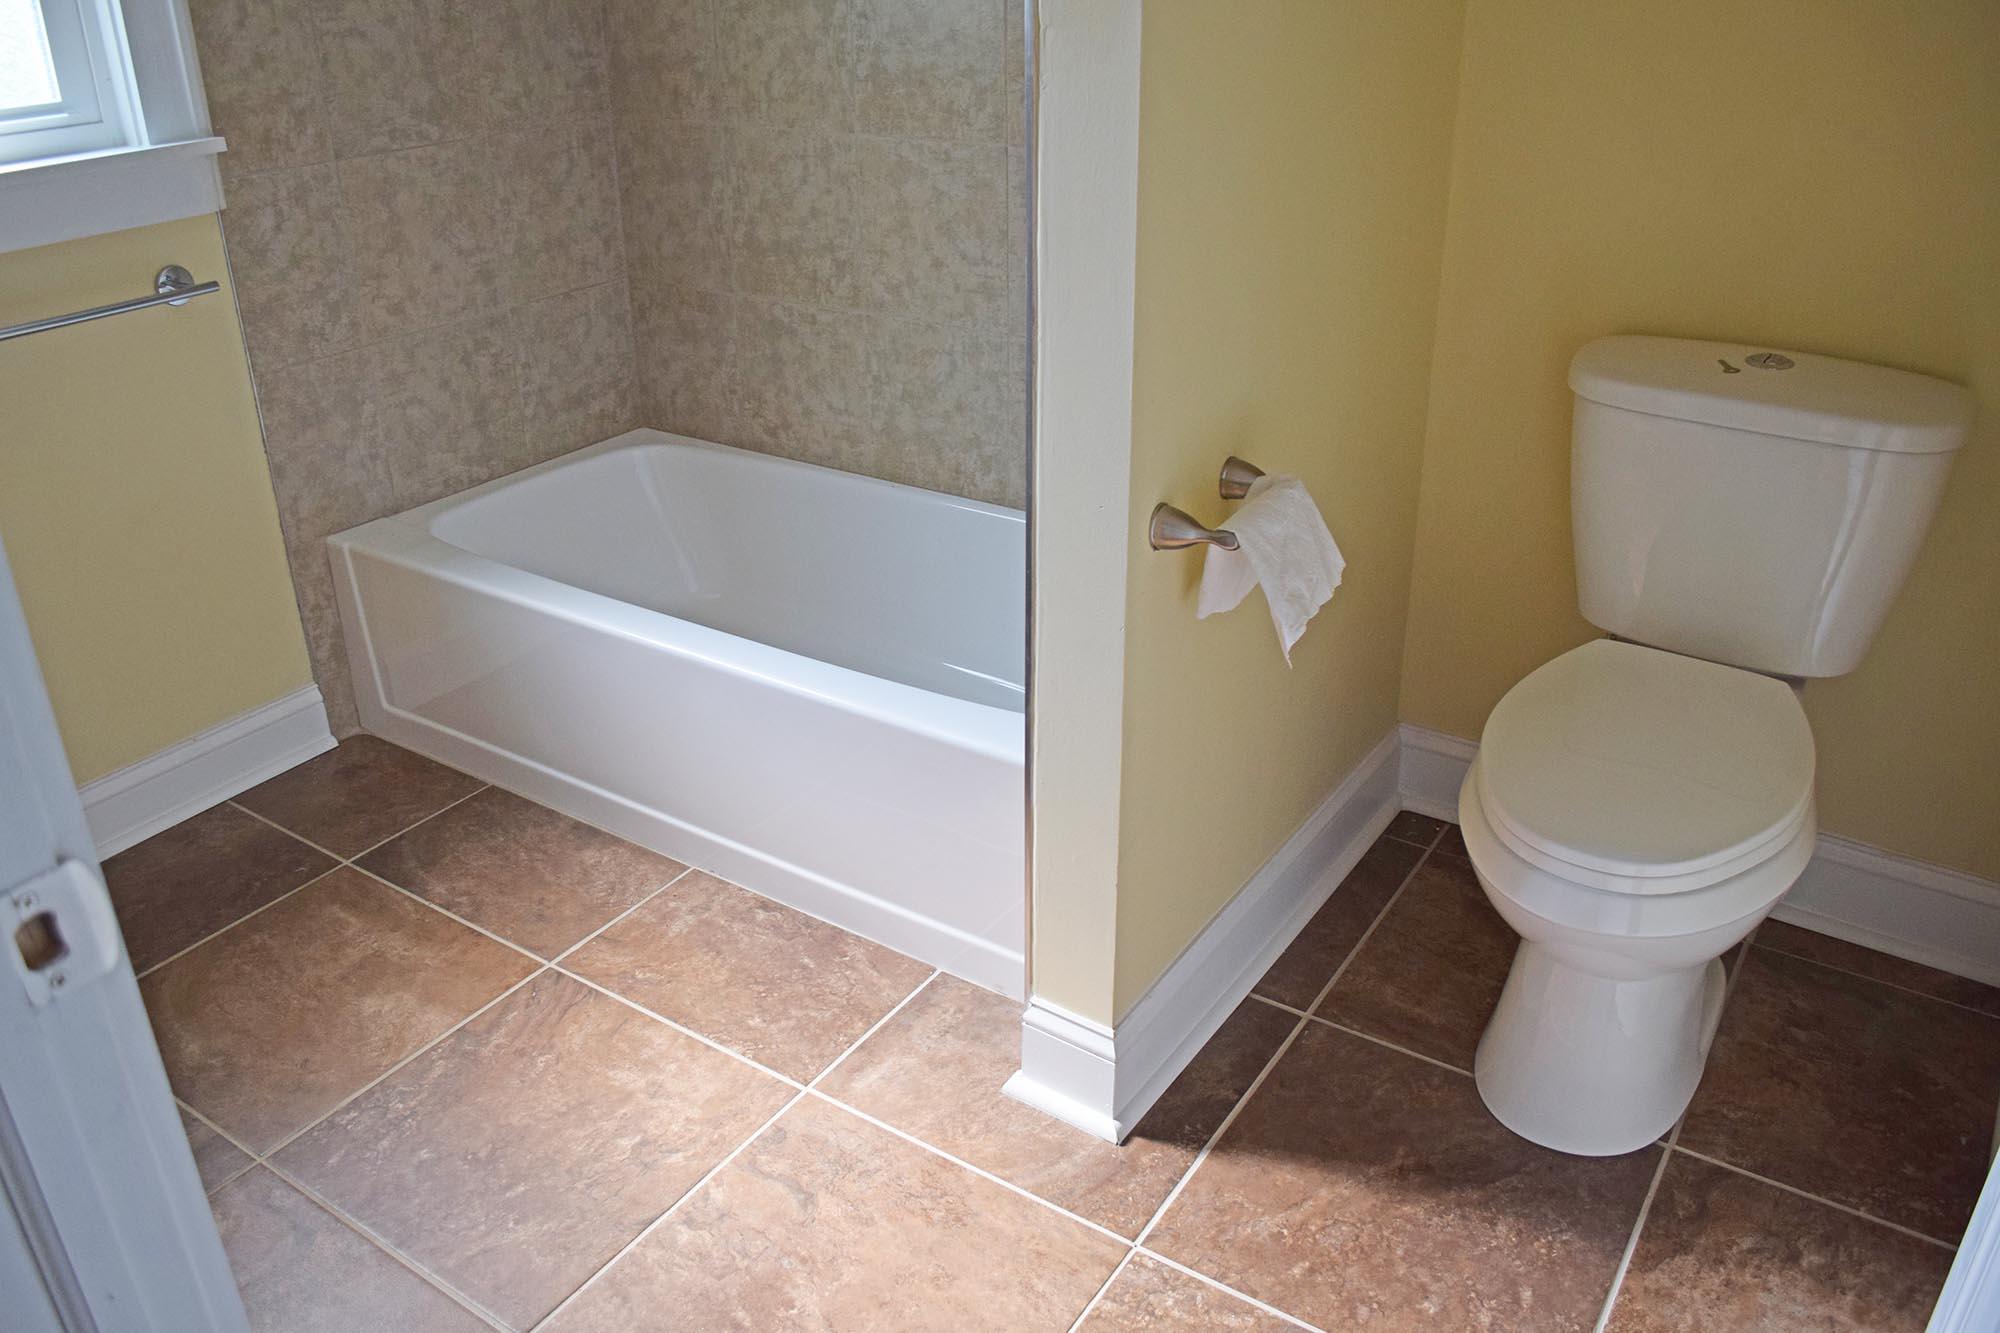 116 Benedict - Bathroom 2 After2.jpg